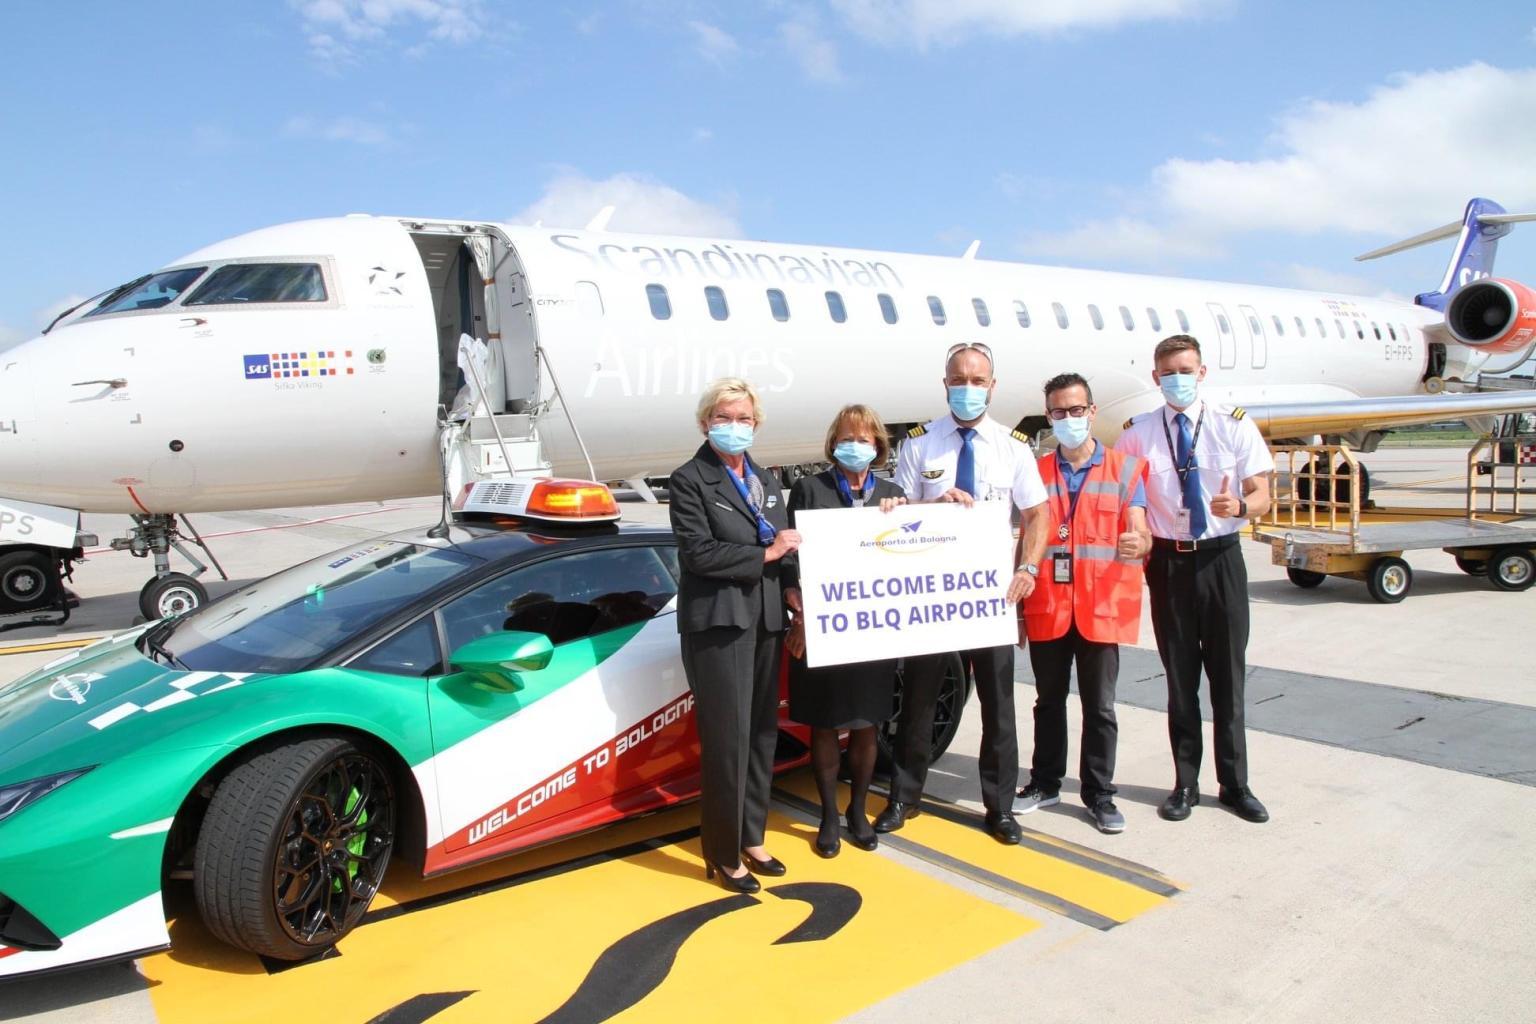 SAS-flyet, fra irske CityJet, efter landingen lørdag formiddag i Bolognas lufthavn med Lamborghini Huracan-raceren, der kan nå op på over 350 kilometer i timen. Foto via Linkedin.